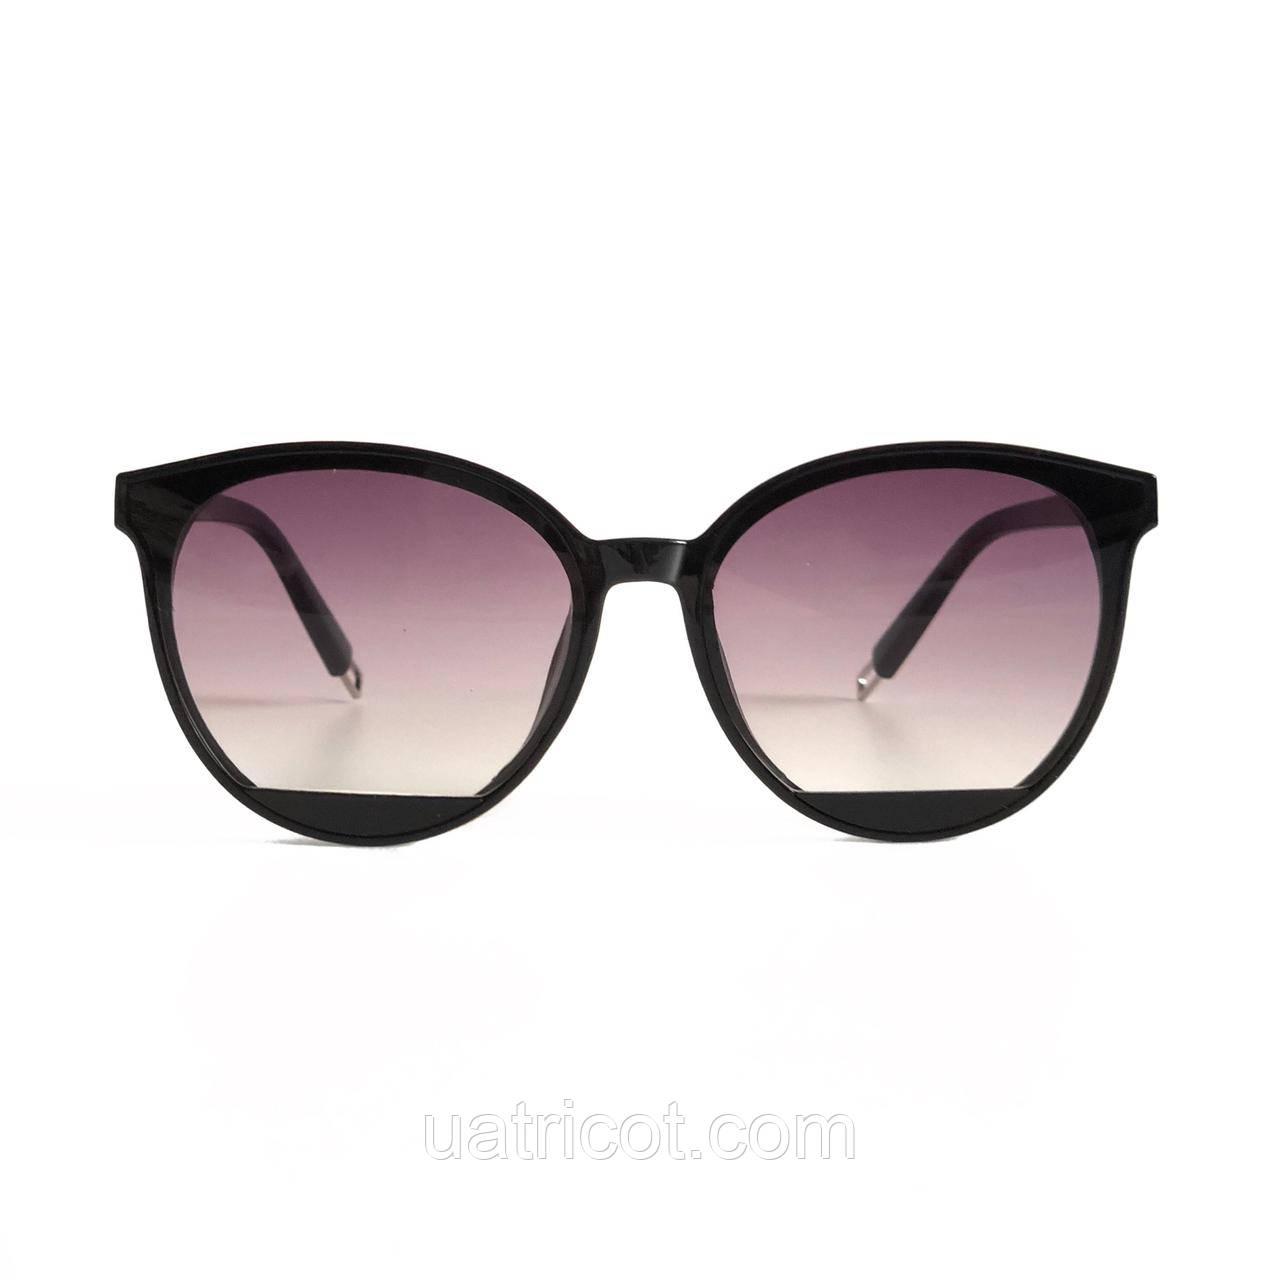 Женские солнцезащитные очки Сat eye в чёрной оправе с лавандовыми линзами